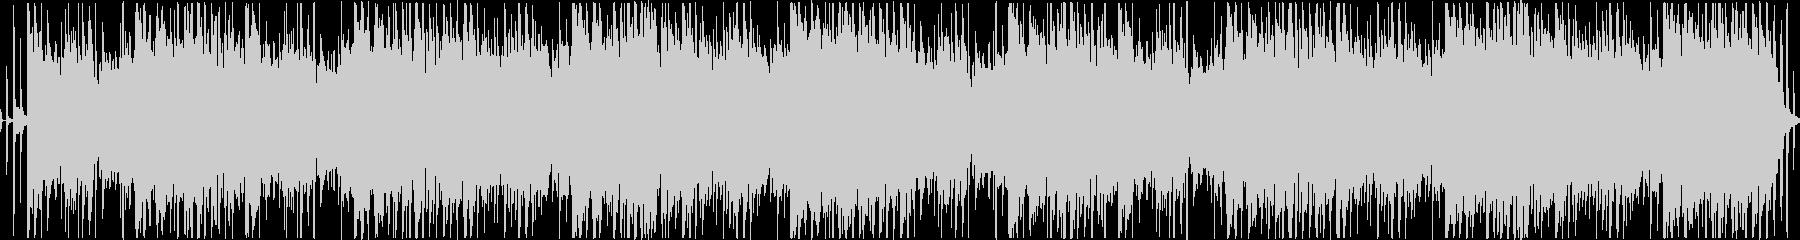 ベースリフが主役のダークなループの未再生の波形